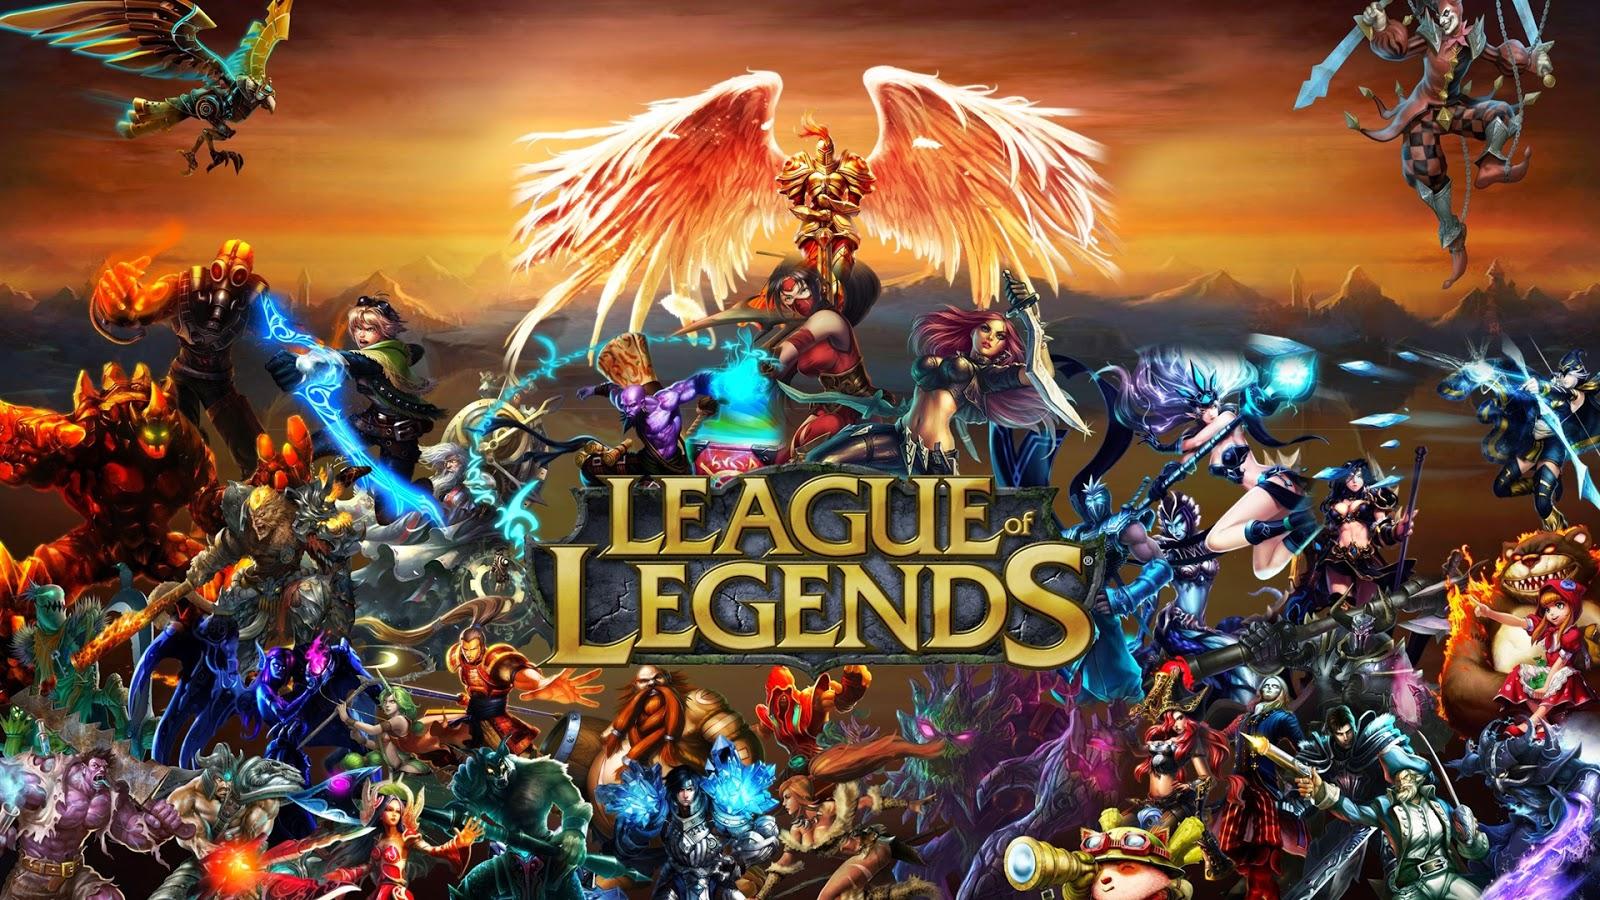 Garena - Nhà phát hành có nhiều game đỉnh nhất hiện nay